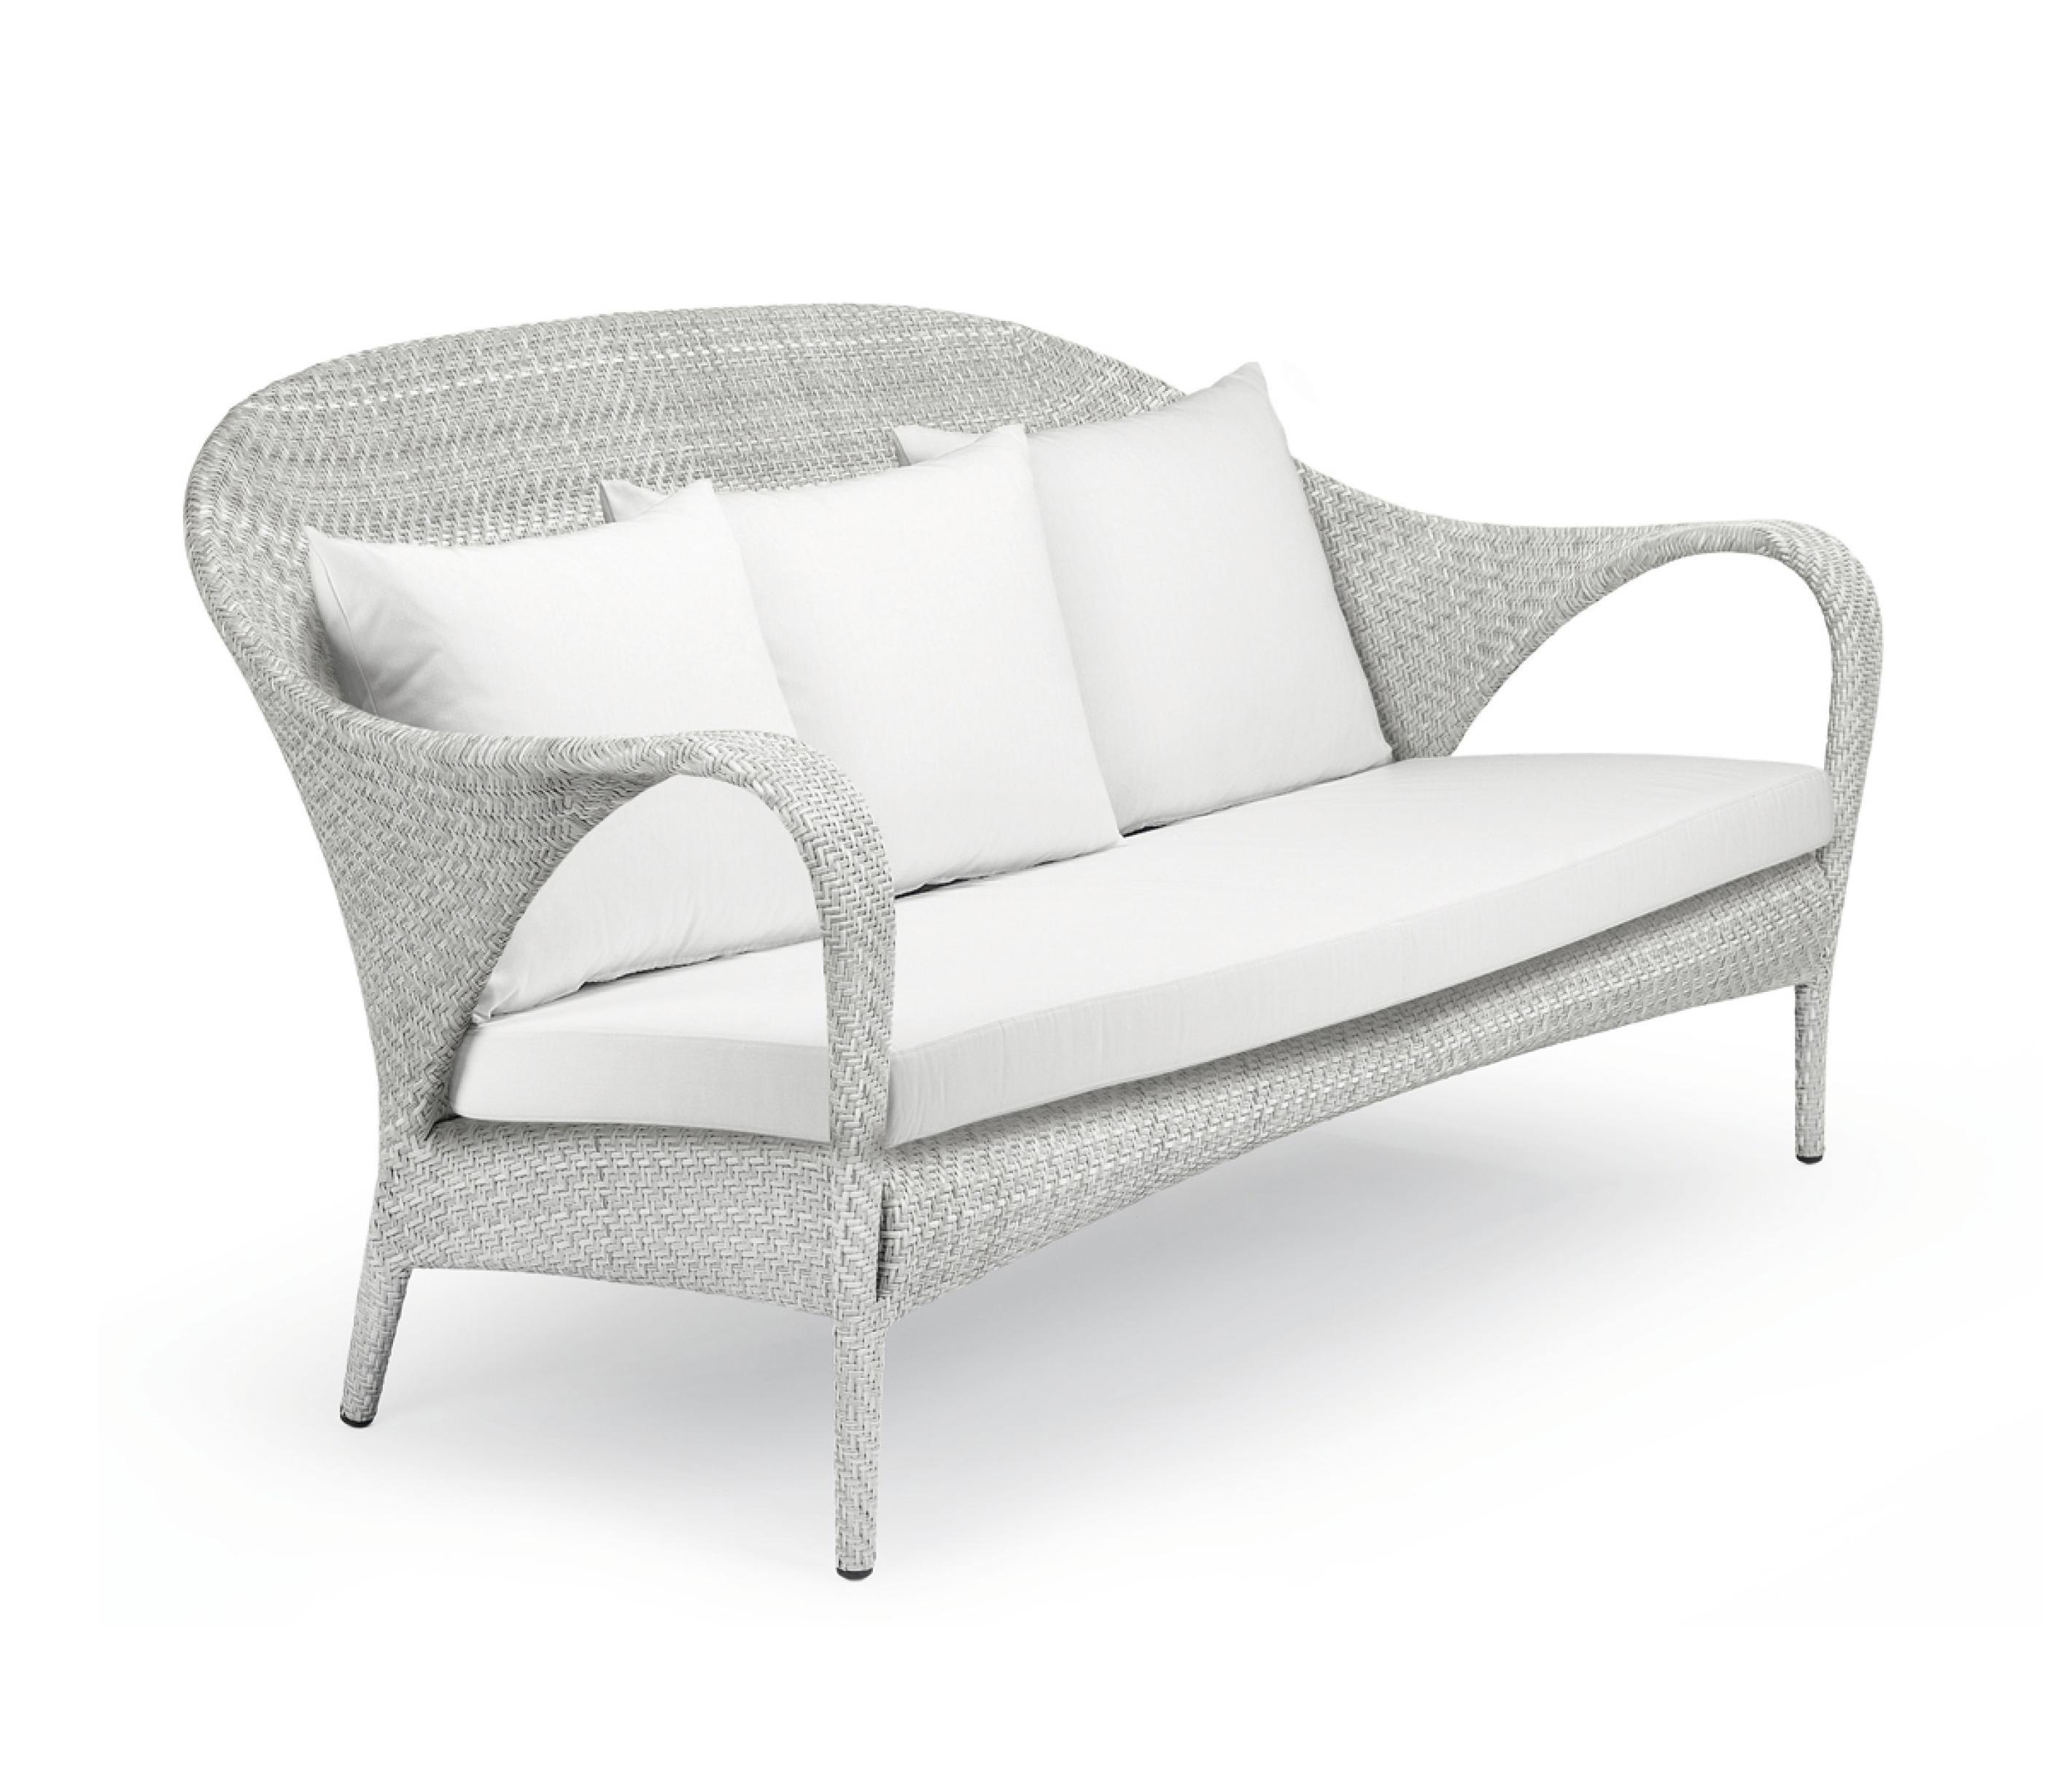 Tango 3 Seater By Dedon Garden Sofas